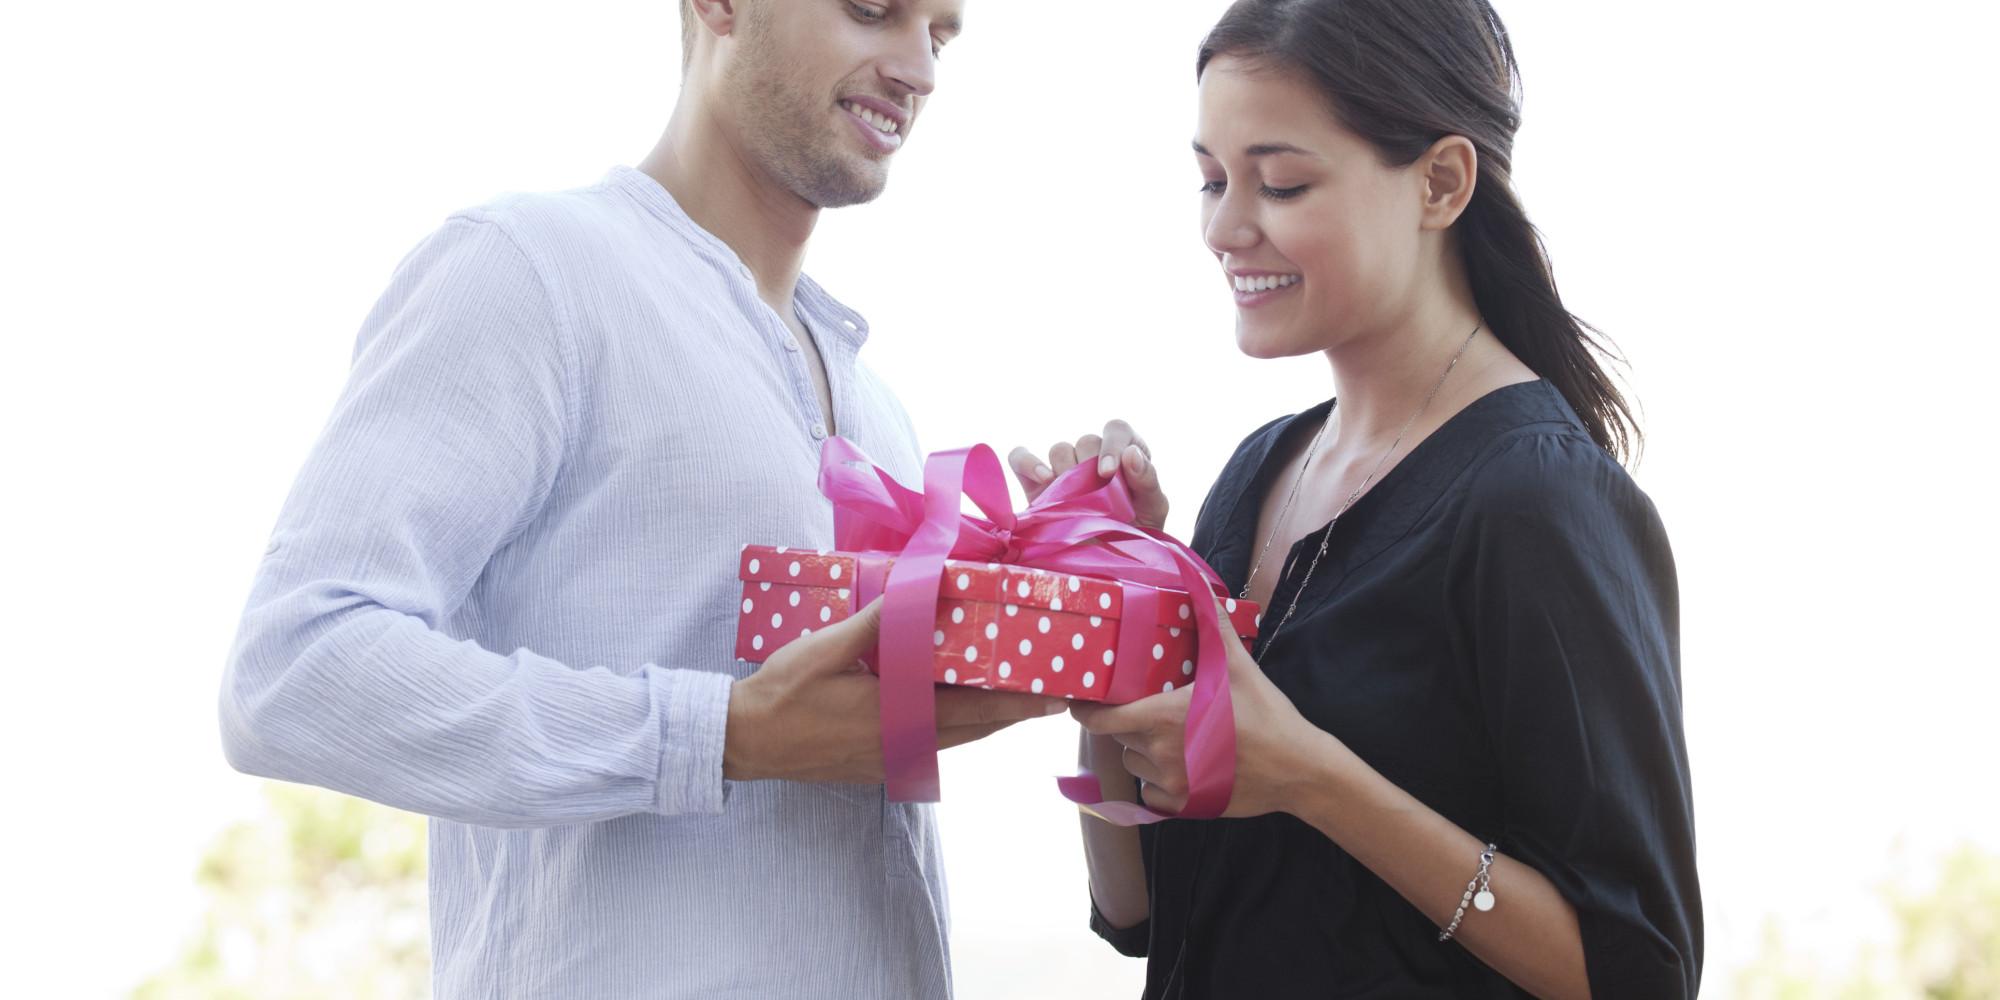 Подарок подруге на 25 лет: оригинальные и полезные подарки 100